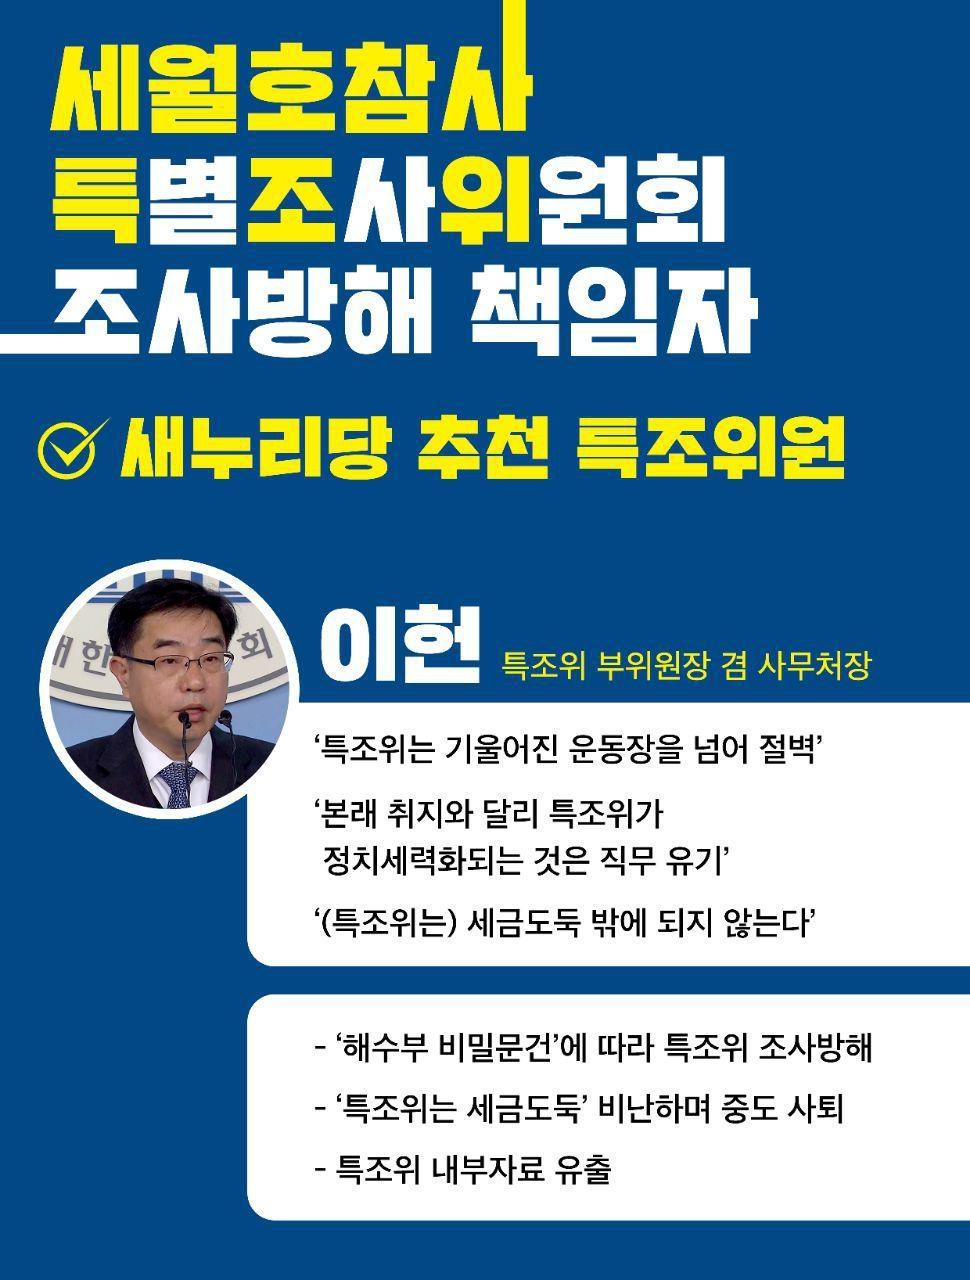 세월호단체에서 29일 발표한 특조위 조사방해 책임자 명단에 포함된 이헌 당시 부위원장